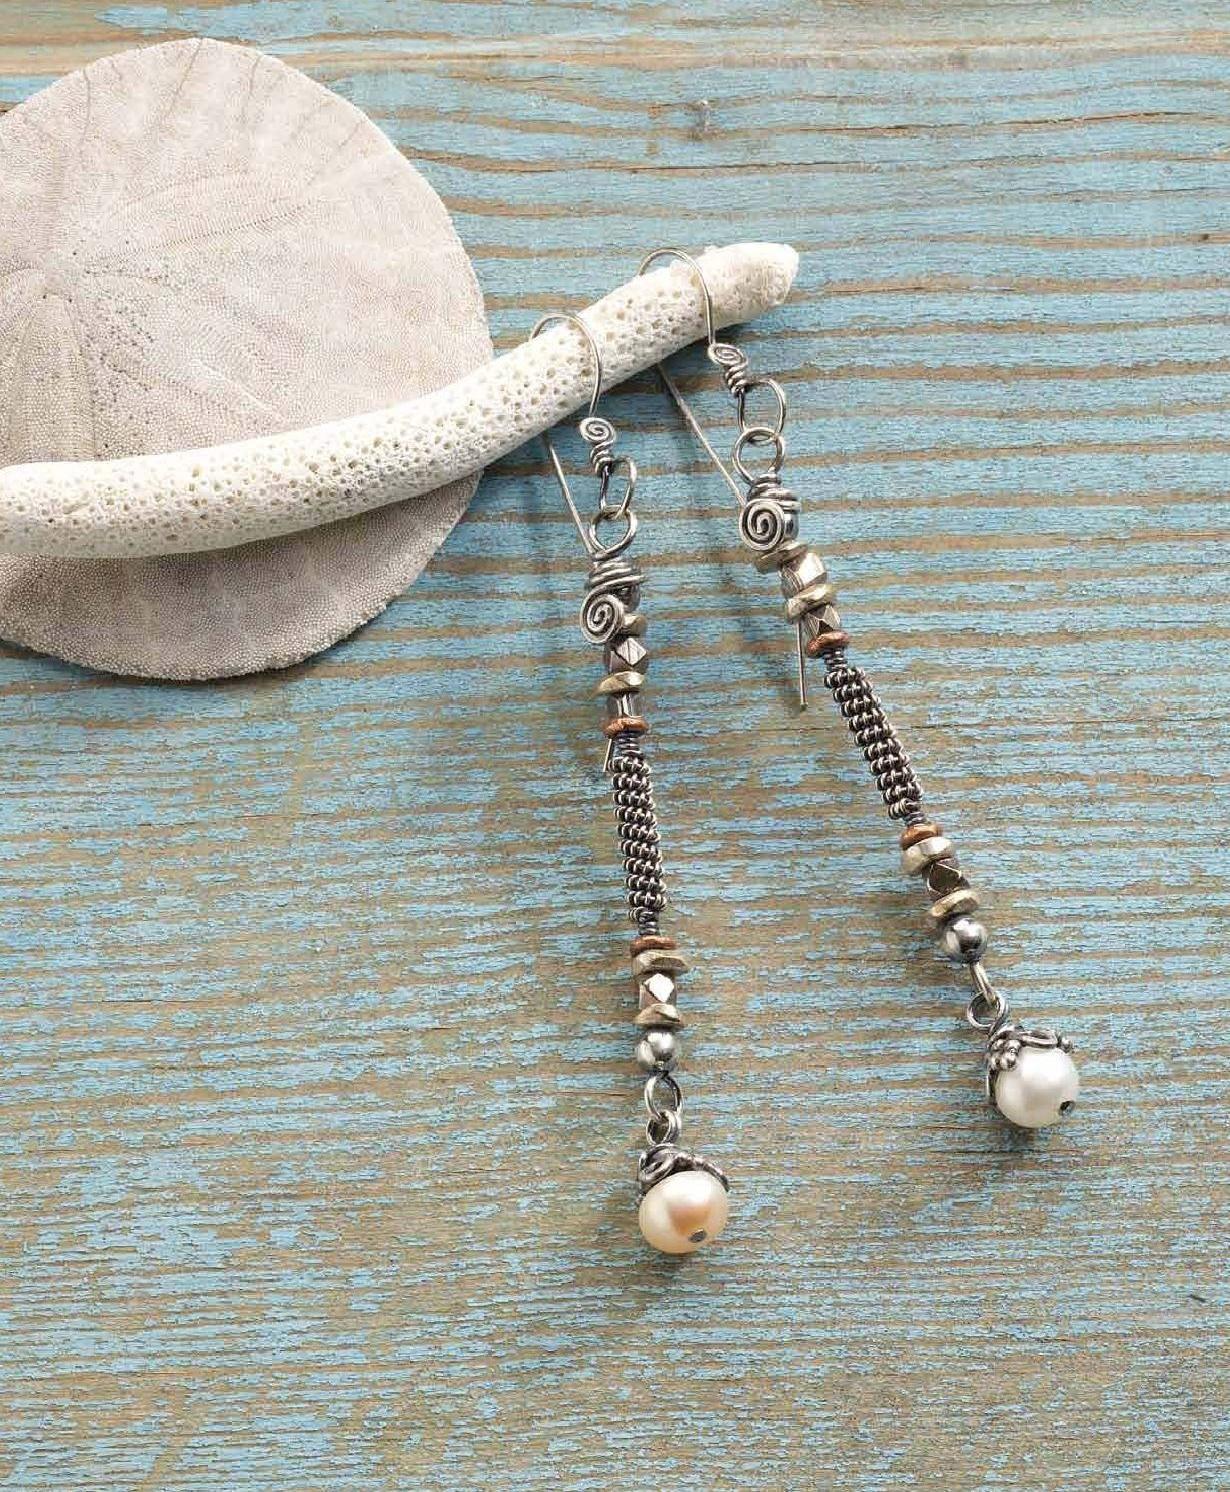 Wire art jewelry workshop - Sharilyn Miller 2011 | Pinterest | Wire art